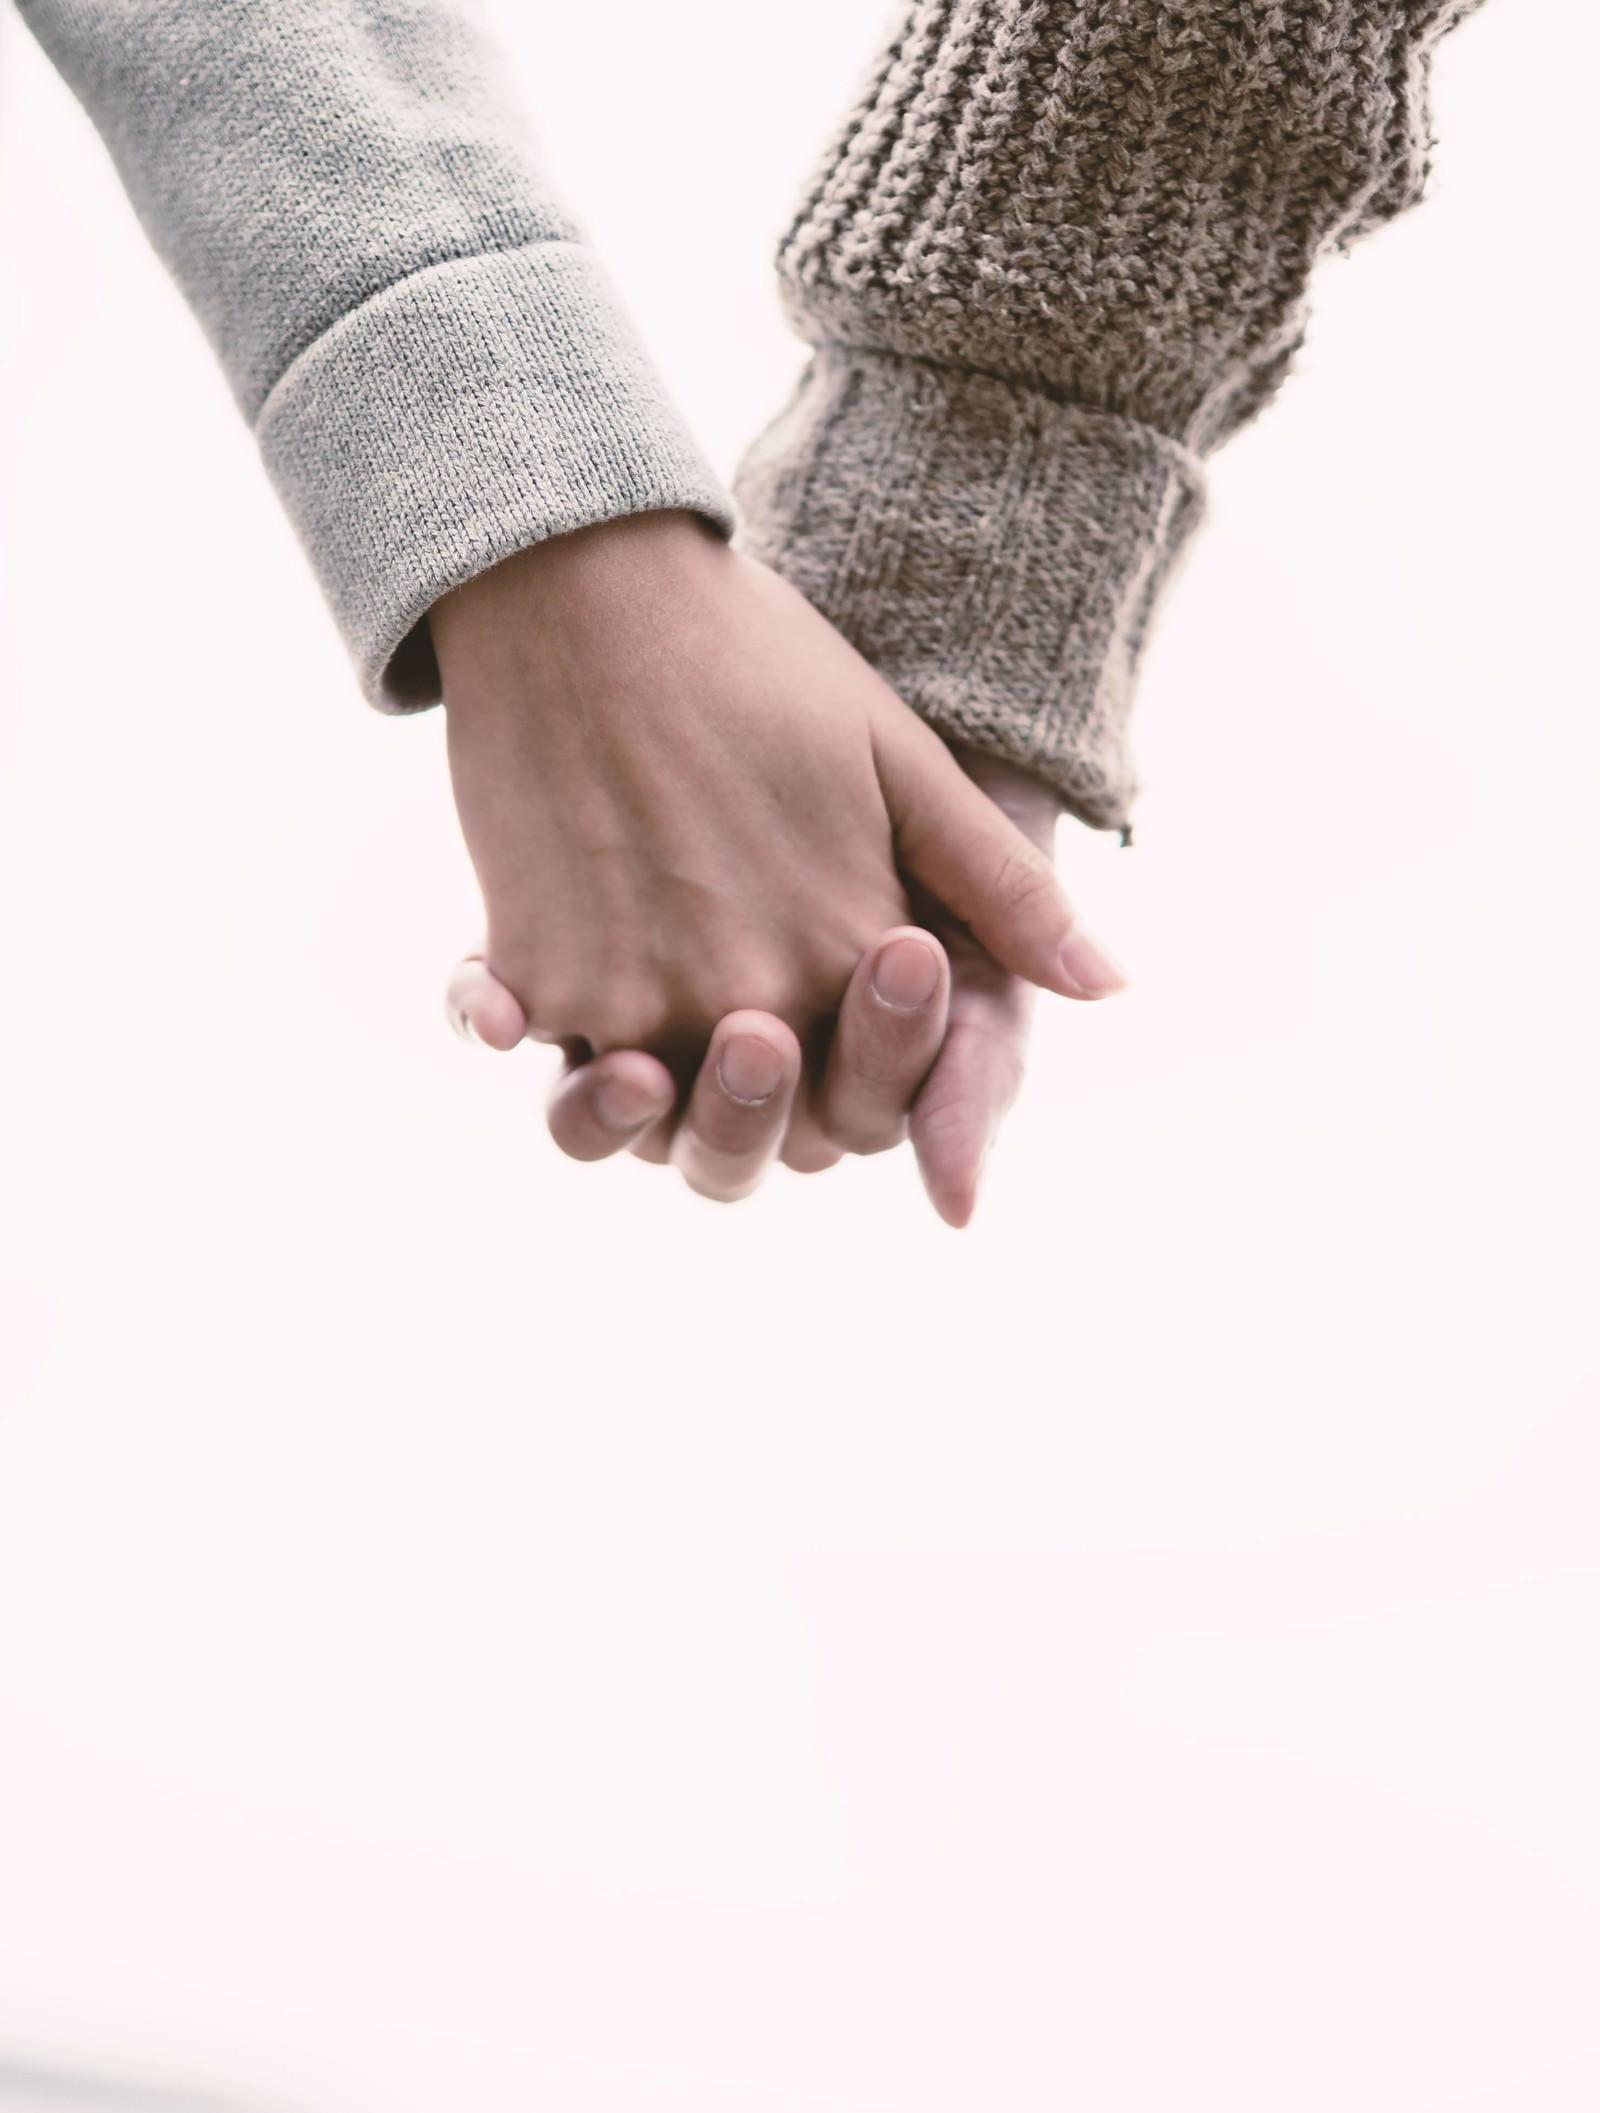 恋人と手をつなぐ(Love握り)の写真素材